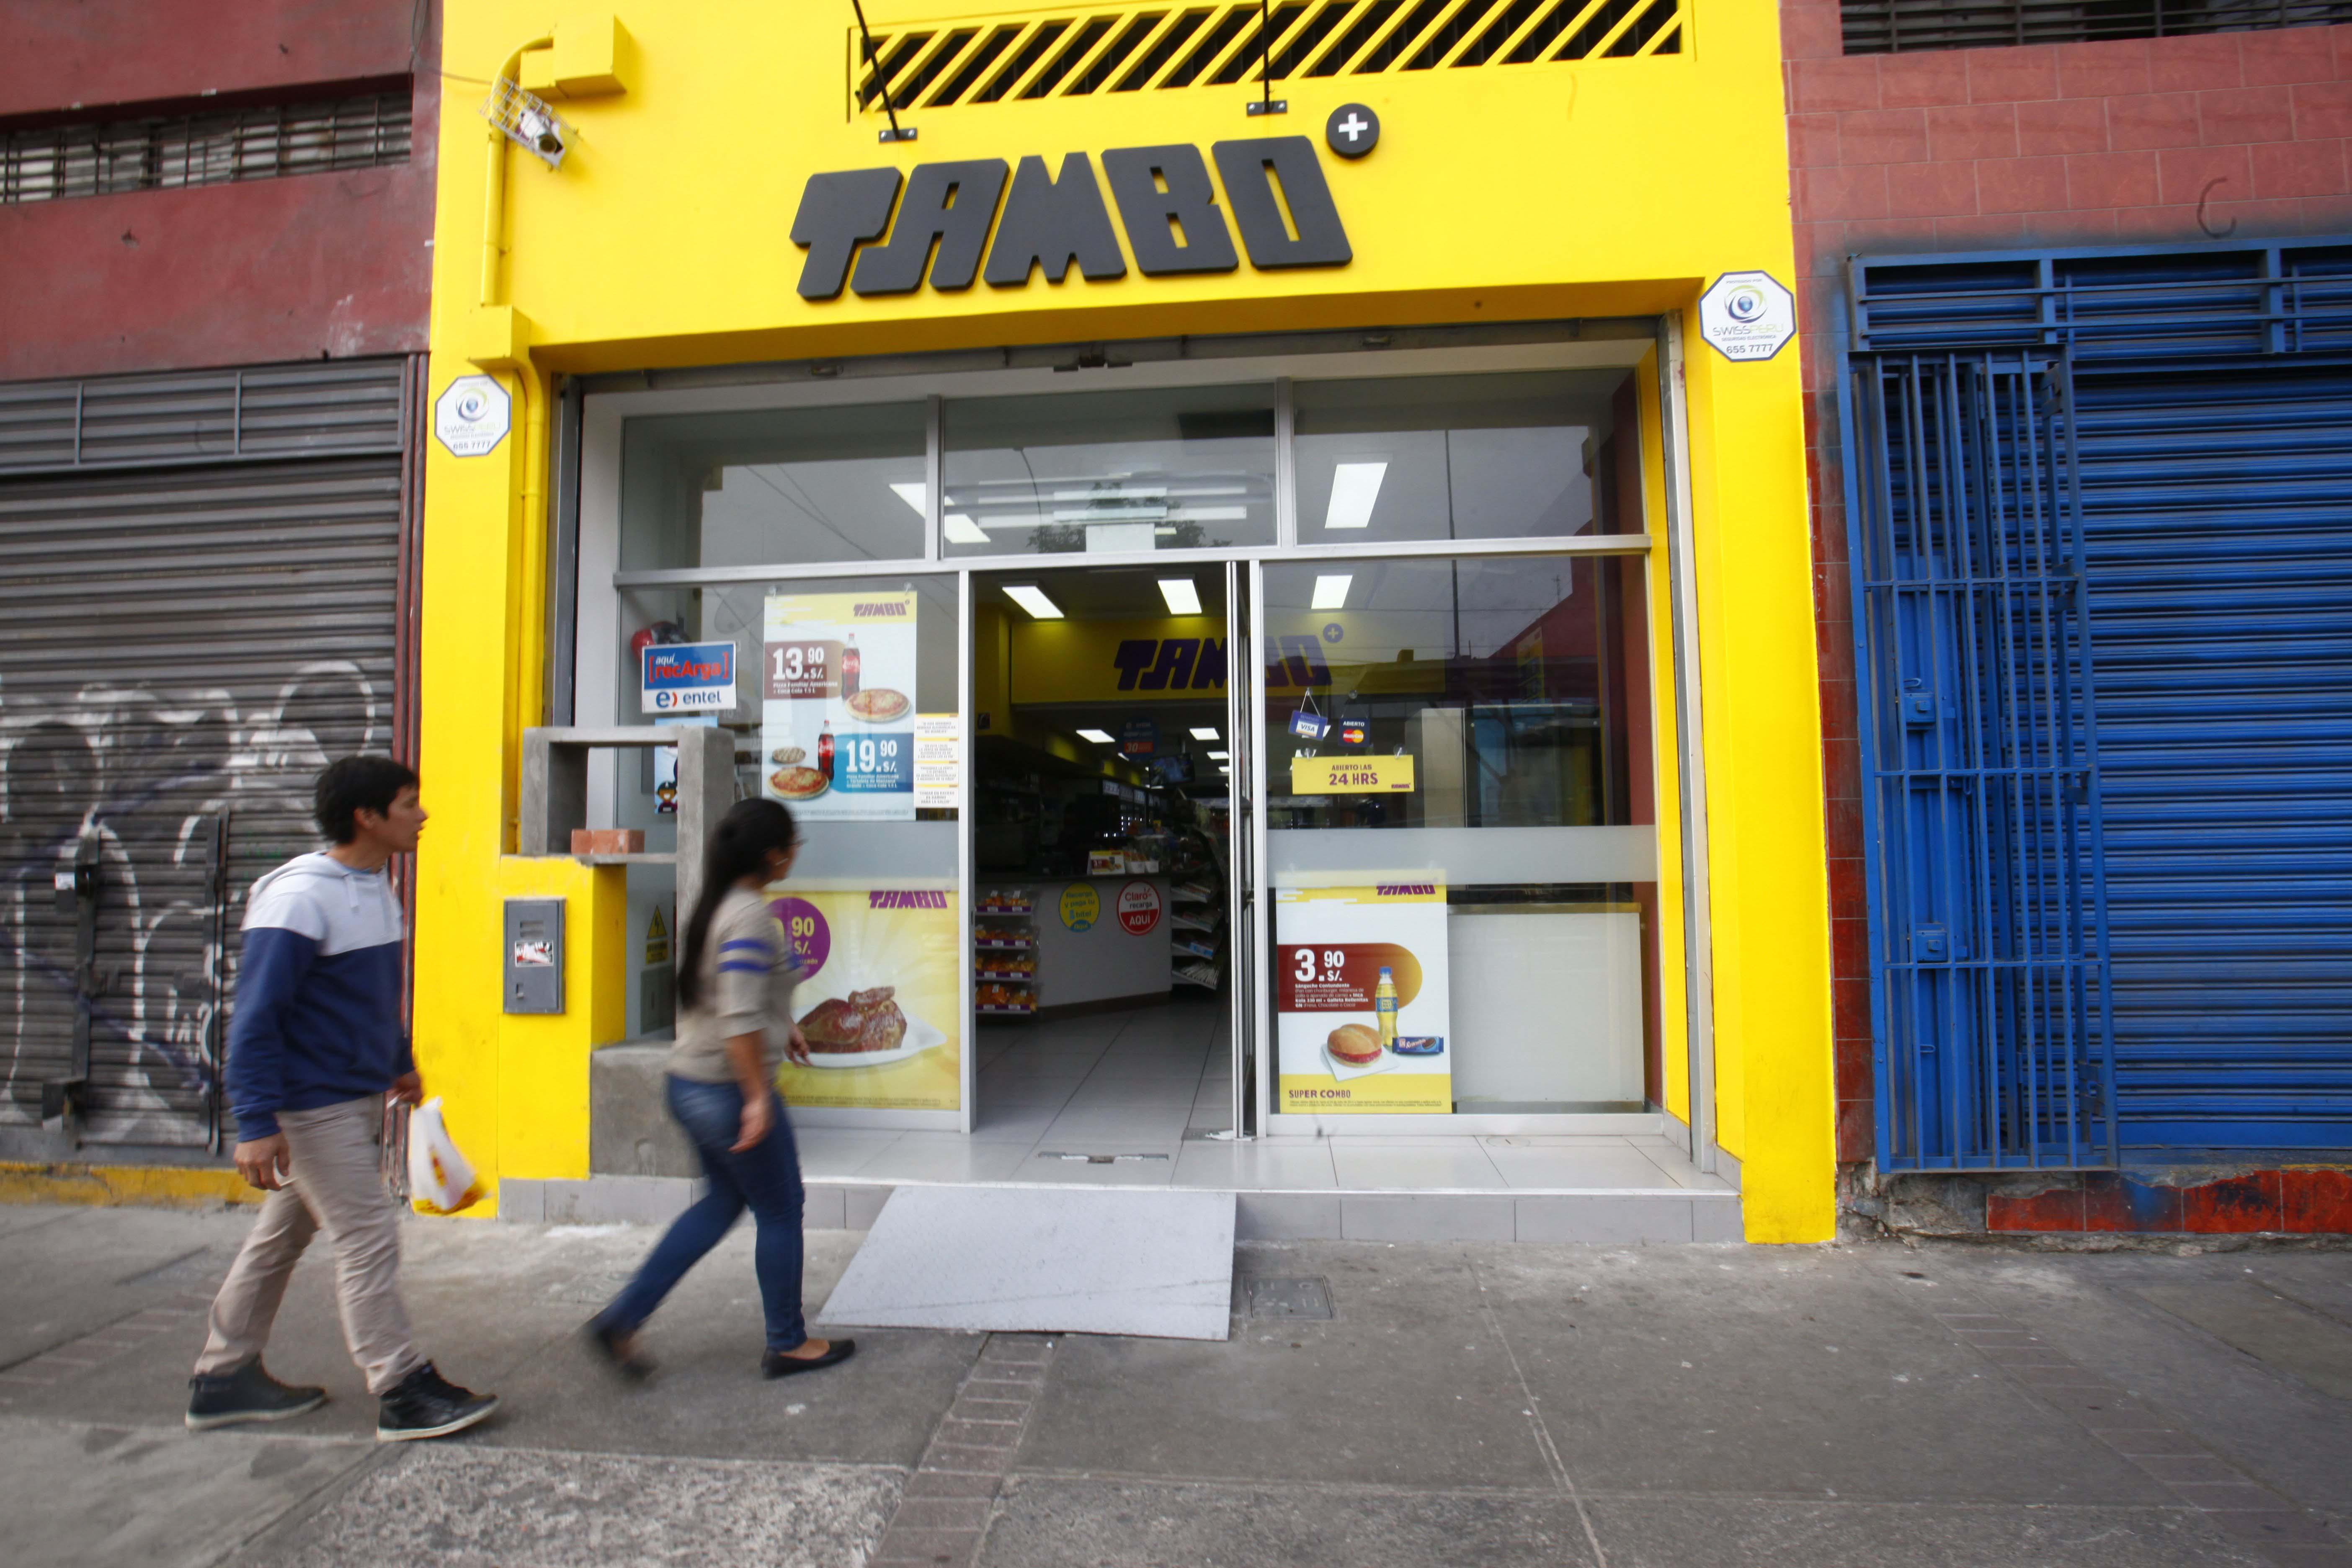 ¿La expansión de Tambo+ y Mass amenaza la supervivencia de las bodegas de barrio?